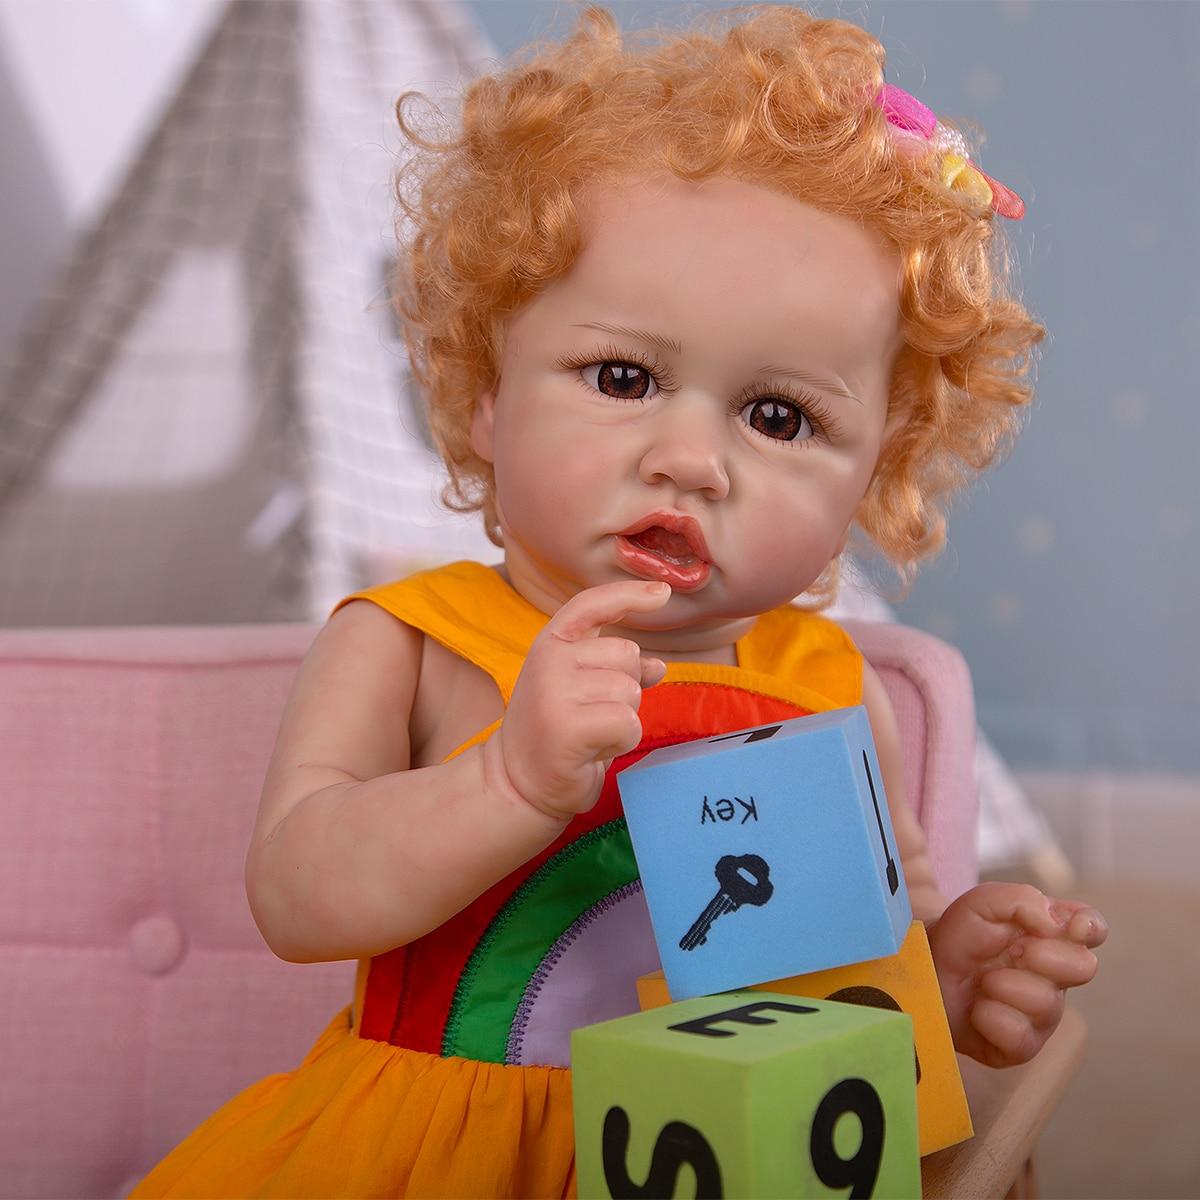 23 zoll Full Silikon Reborn Baby Kleinkind Puppen 3D-Painting Haut Schöne Neugeborenen Bebe Puppen Real Touch Bad Spielzeug Für Kinder geschenk